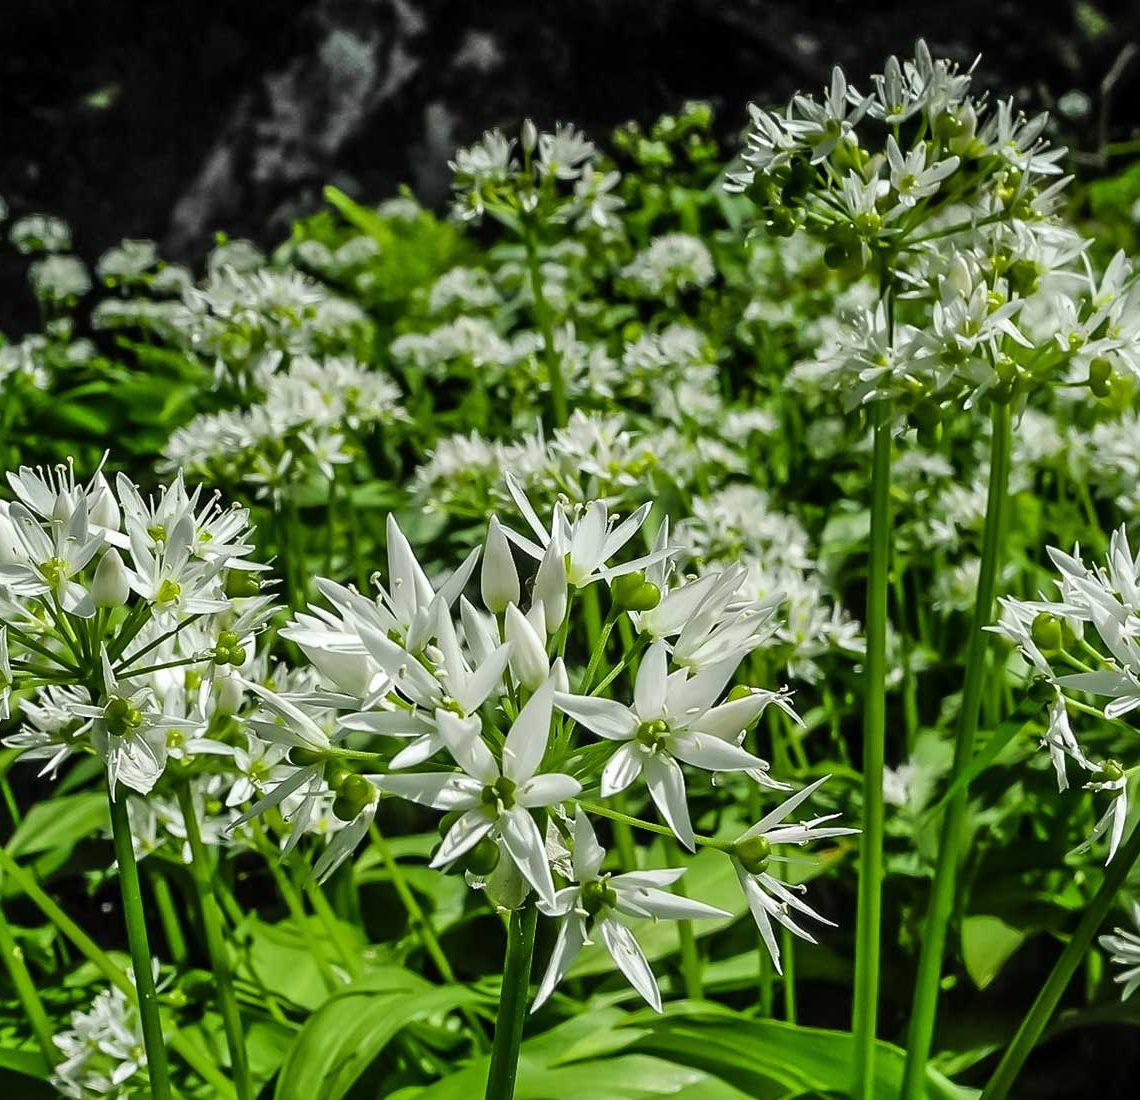 Gli eleganti fiori bianchi dell'aglio orsino